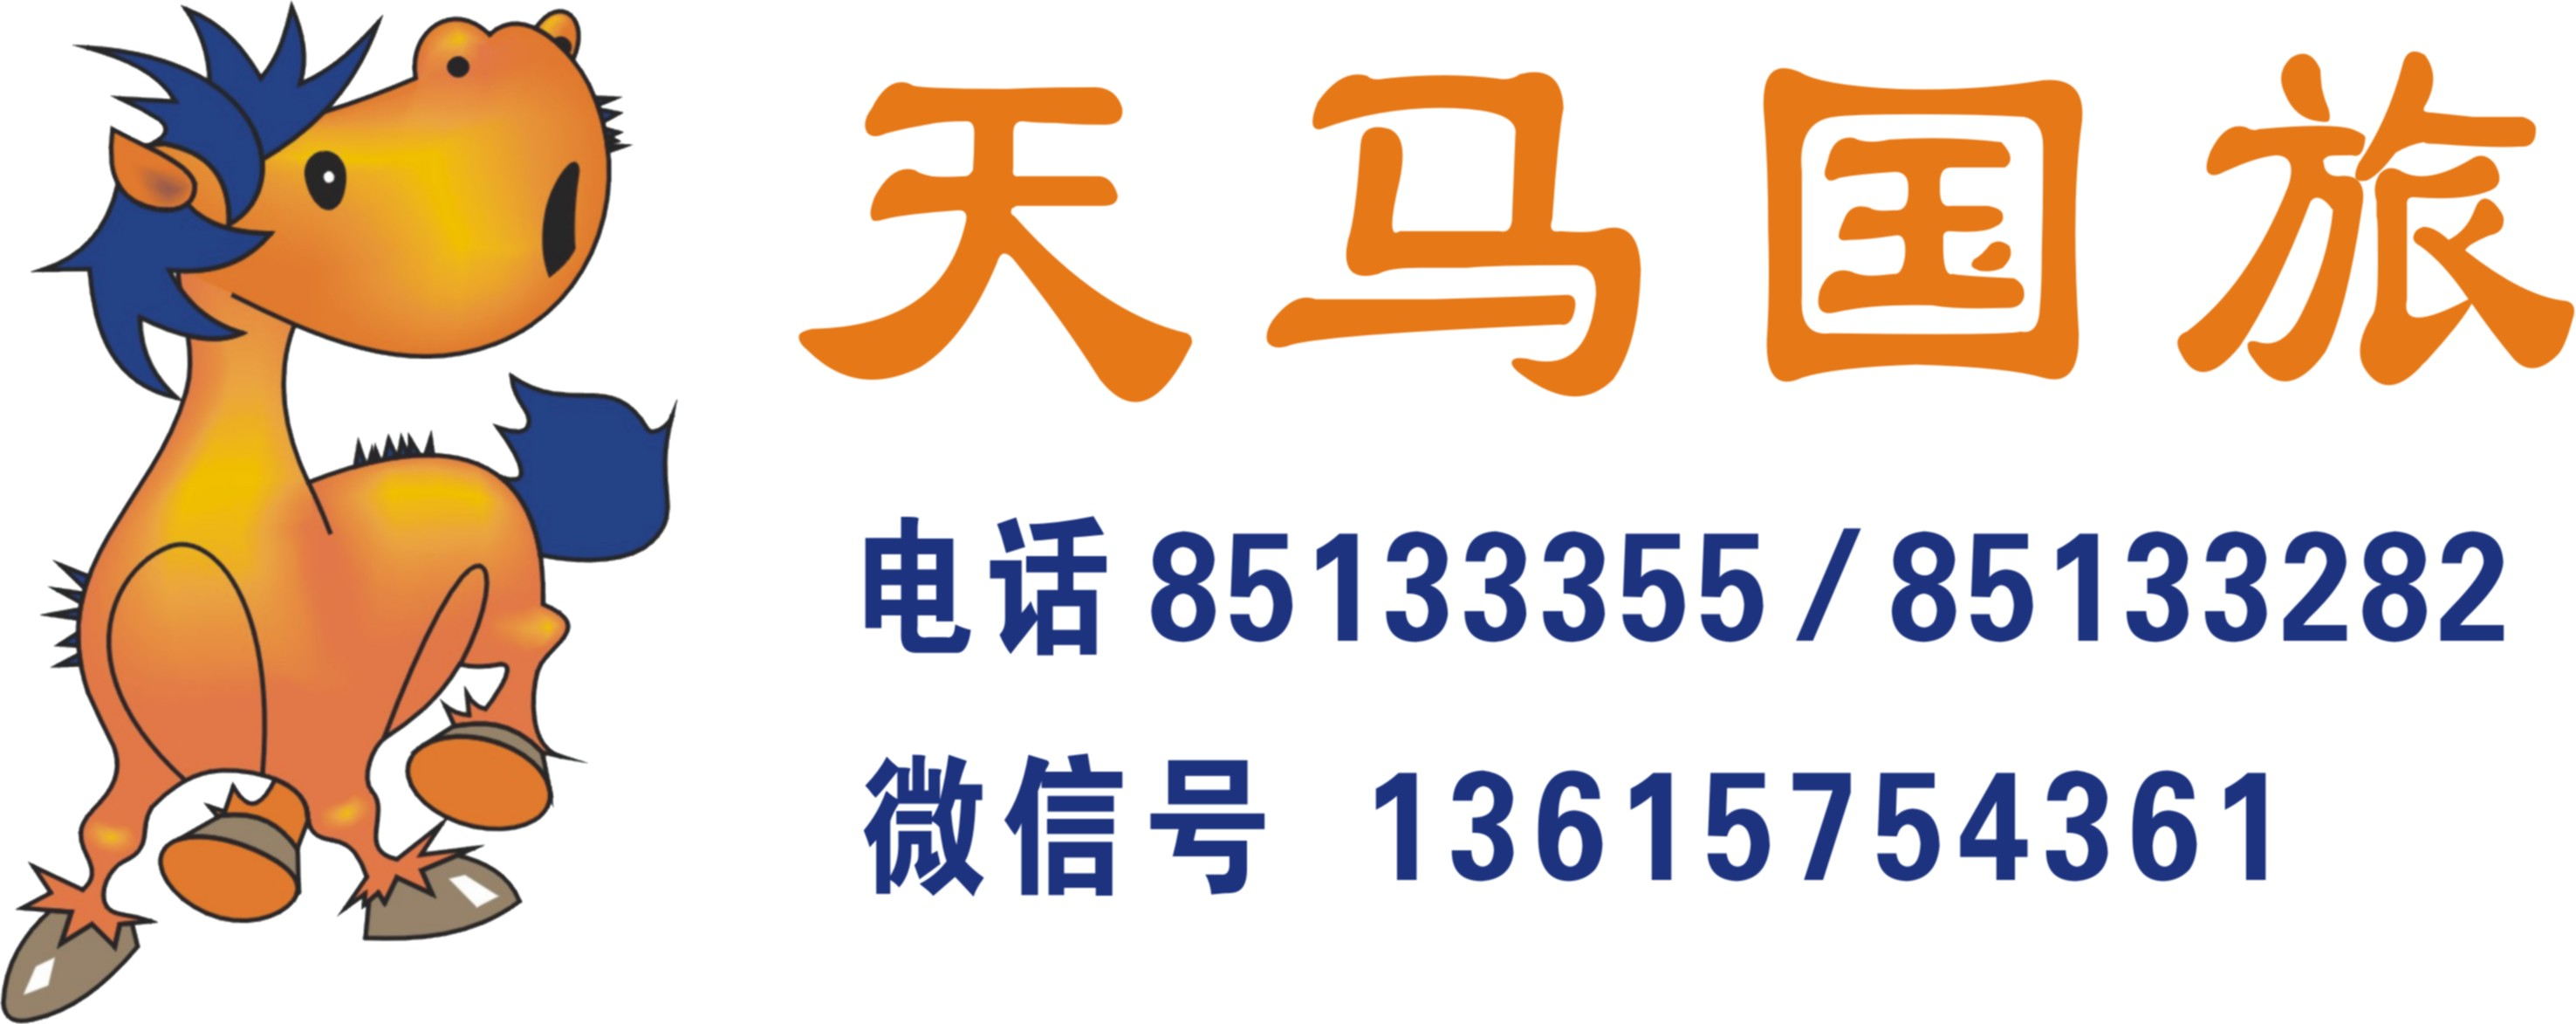 春节【西双版纳一地半自助双飞5日游】纯玩,2-6人小团半自助